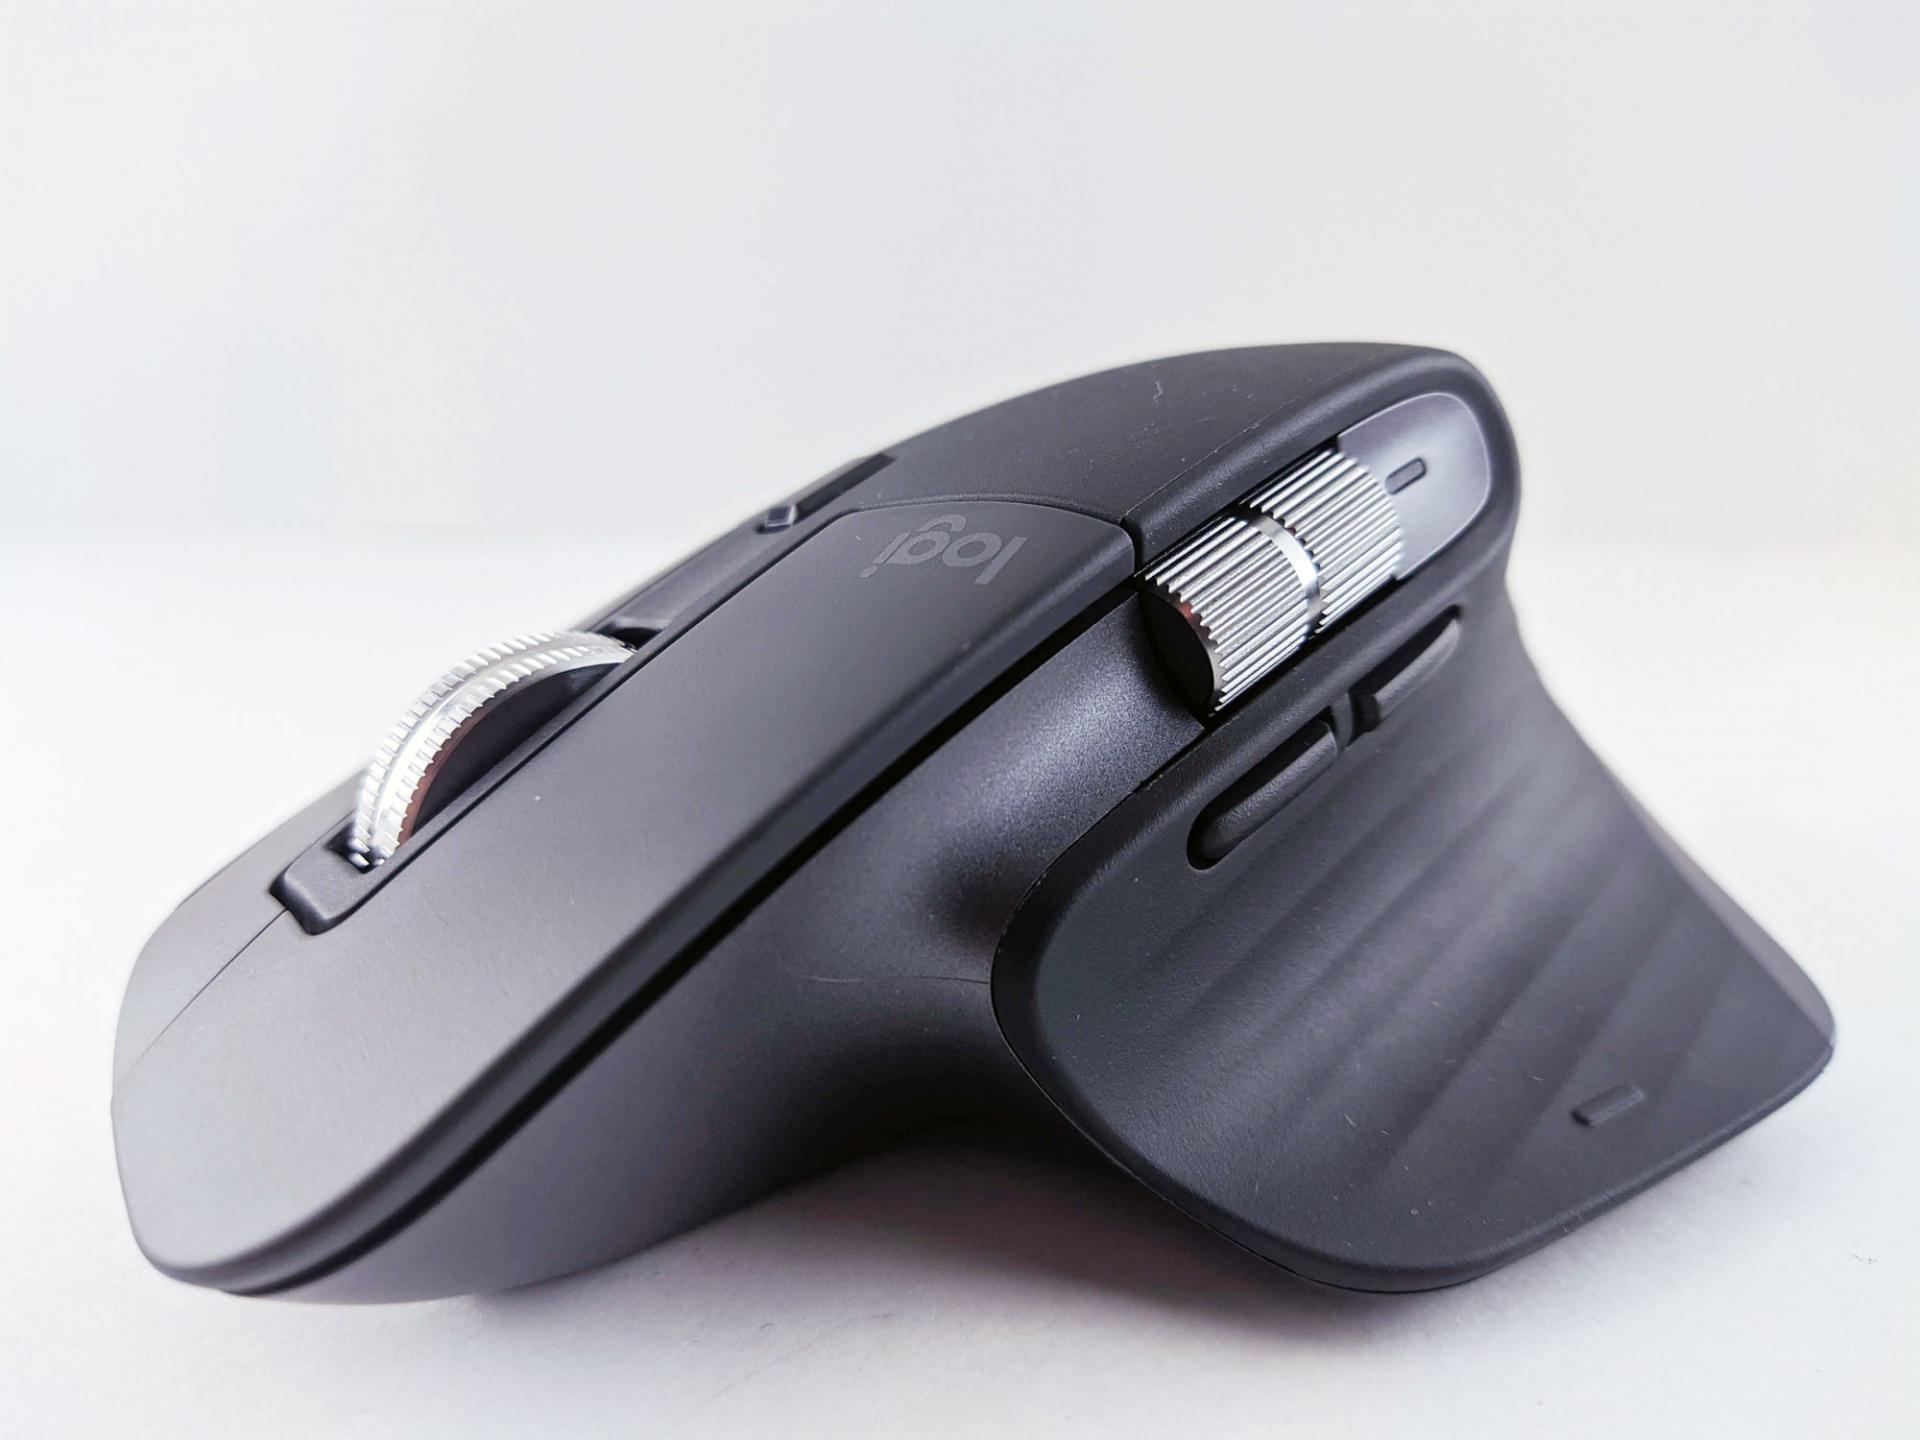 Тест-драйв беспроводной мыши Logitech MXMaster 3